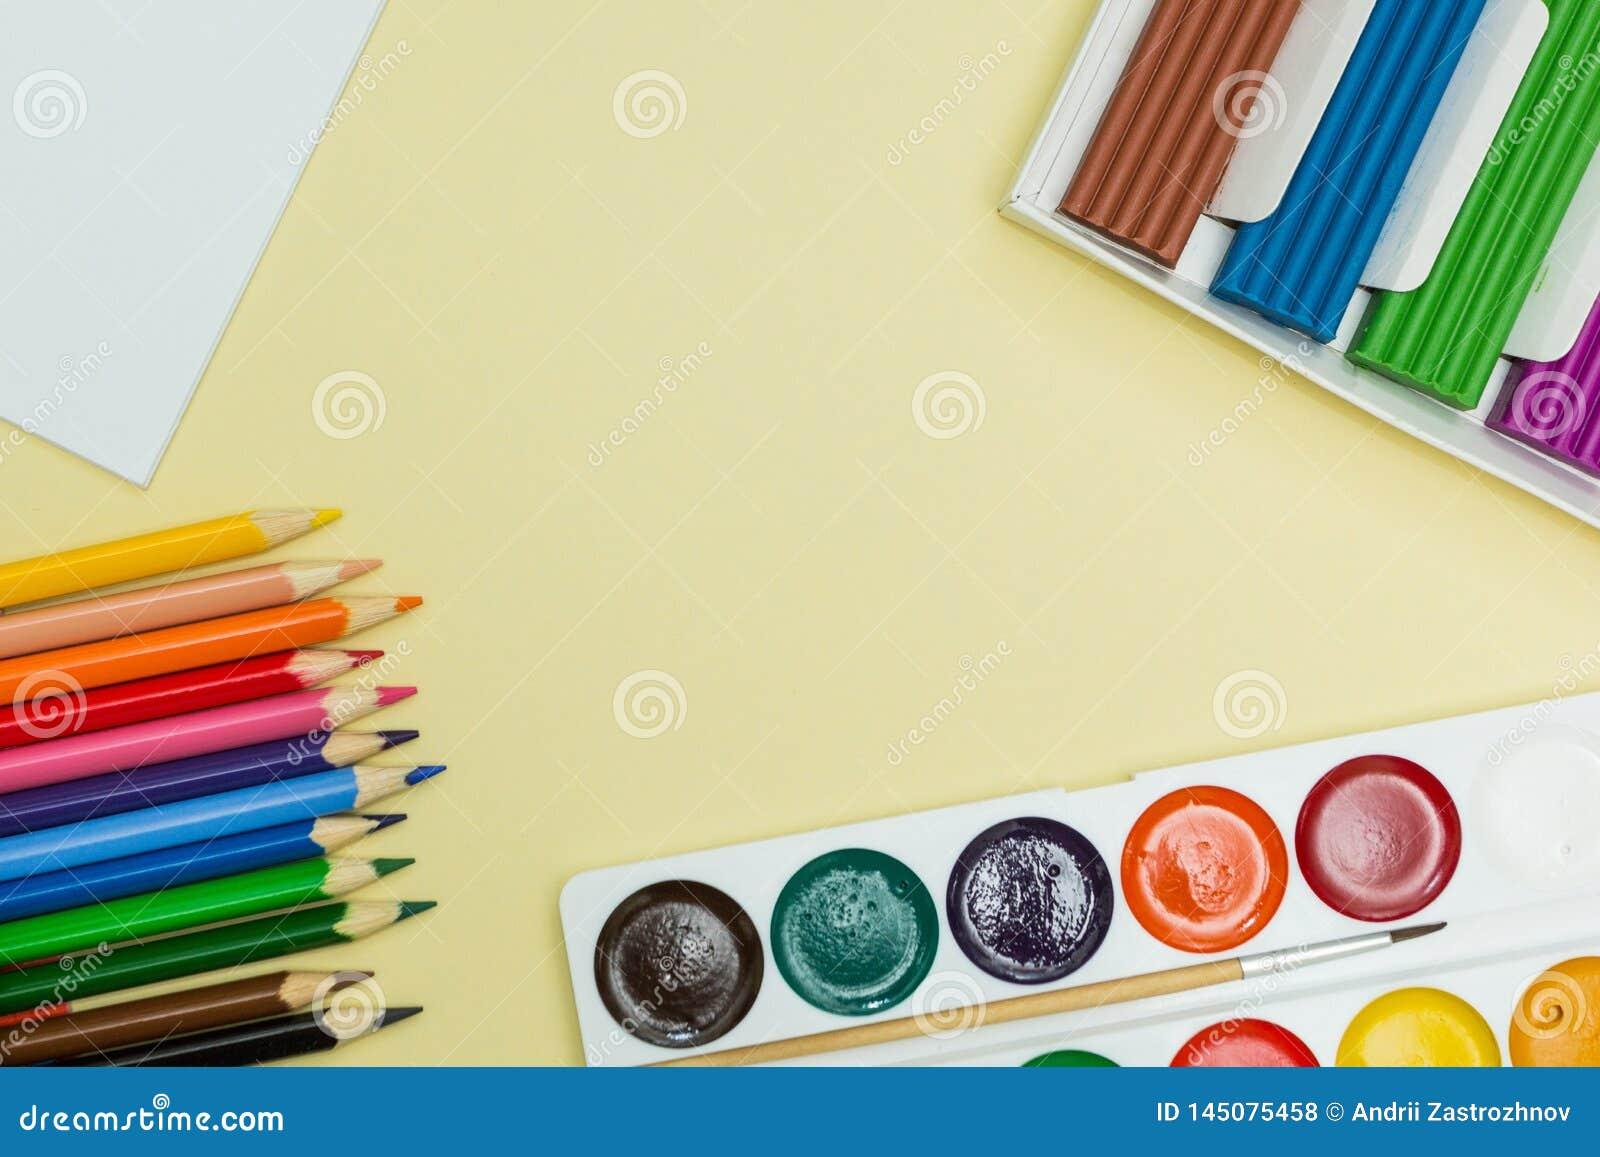 Ένα σύνολο για τη δημιουργικότητα και το σχέδιο: χρώματα watercolor, plasticine και πολύχρωμα μολύβια σε ένα κίτρινο υπόβαθρο r